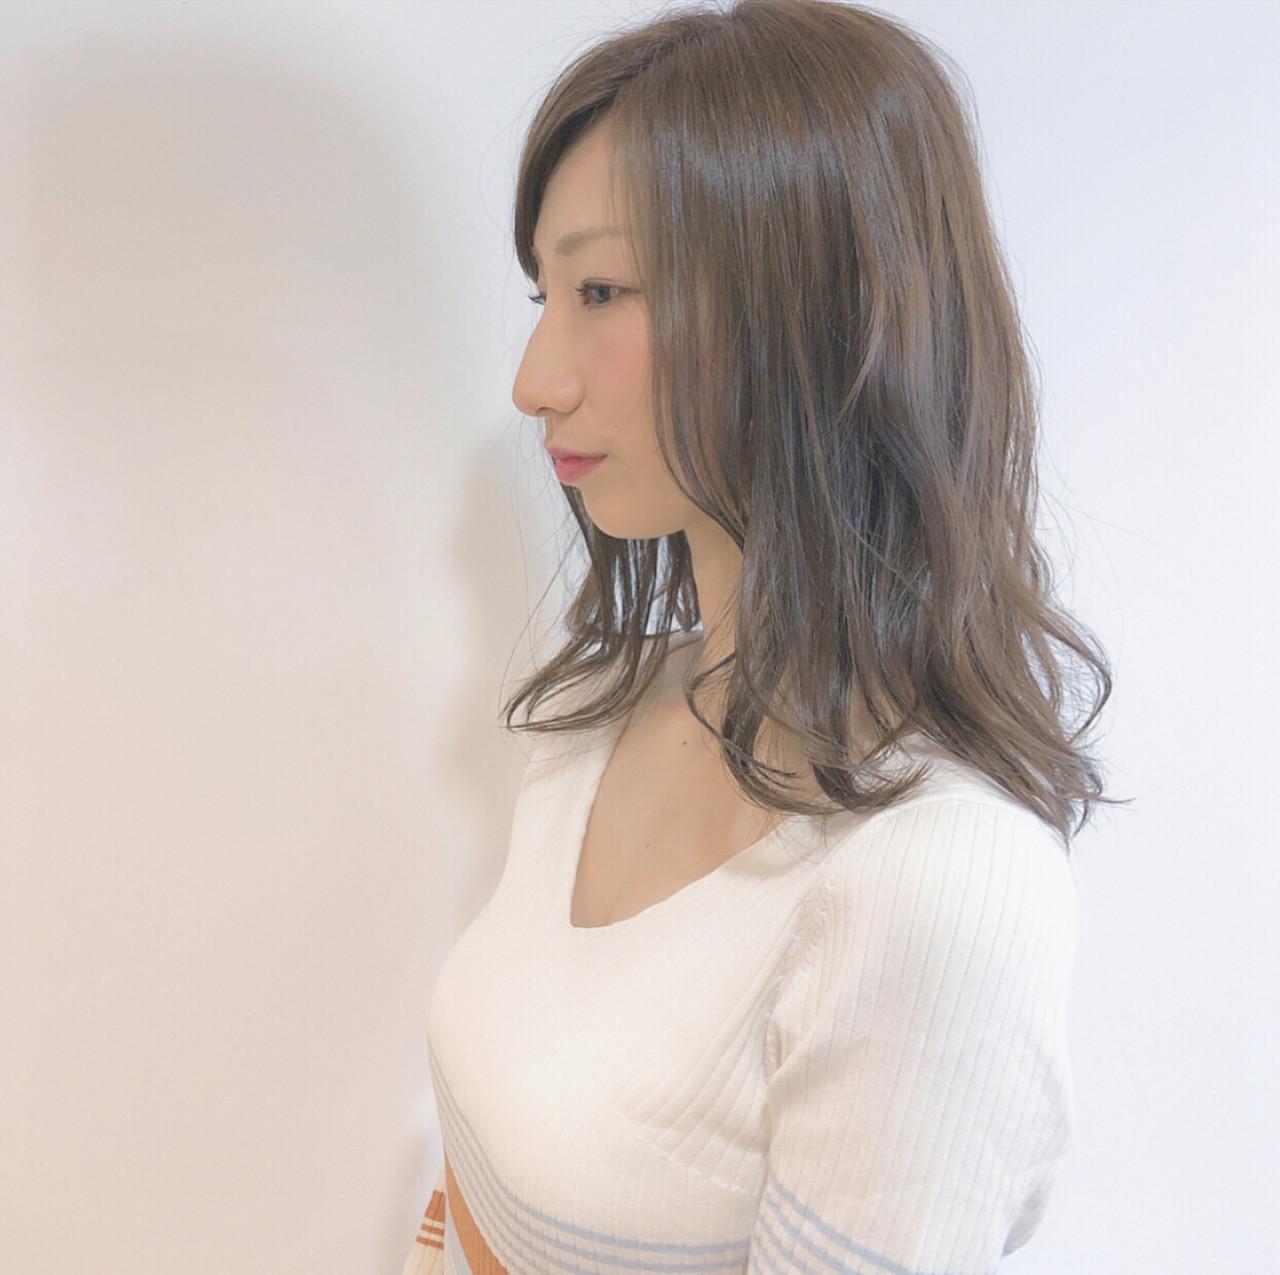 透明感 ゆるふわセット ゆるウェーブ セミロング ヘアスタイルや髪型の写真・画像